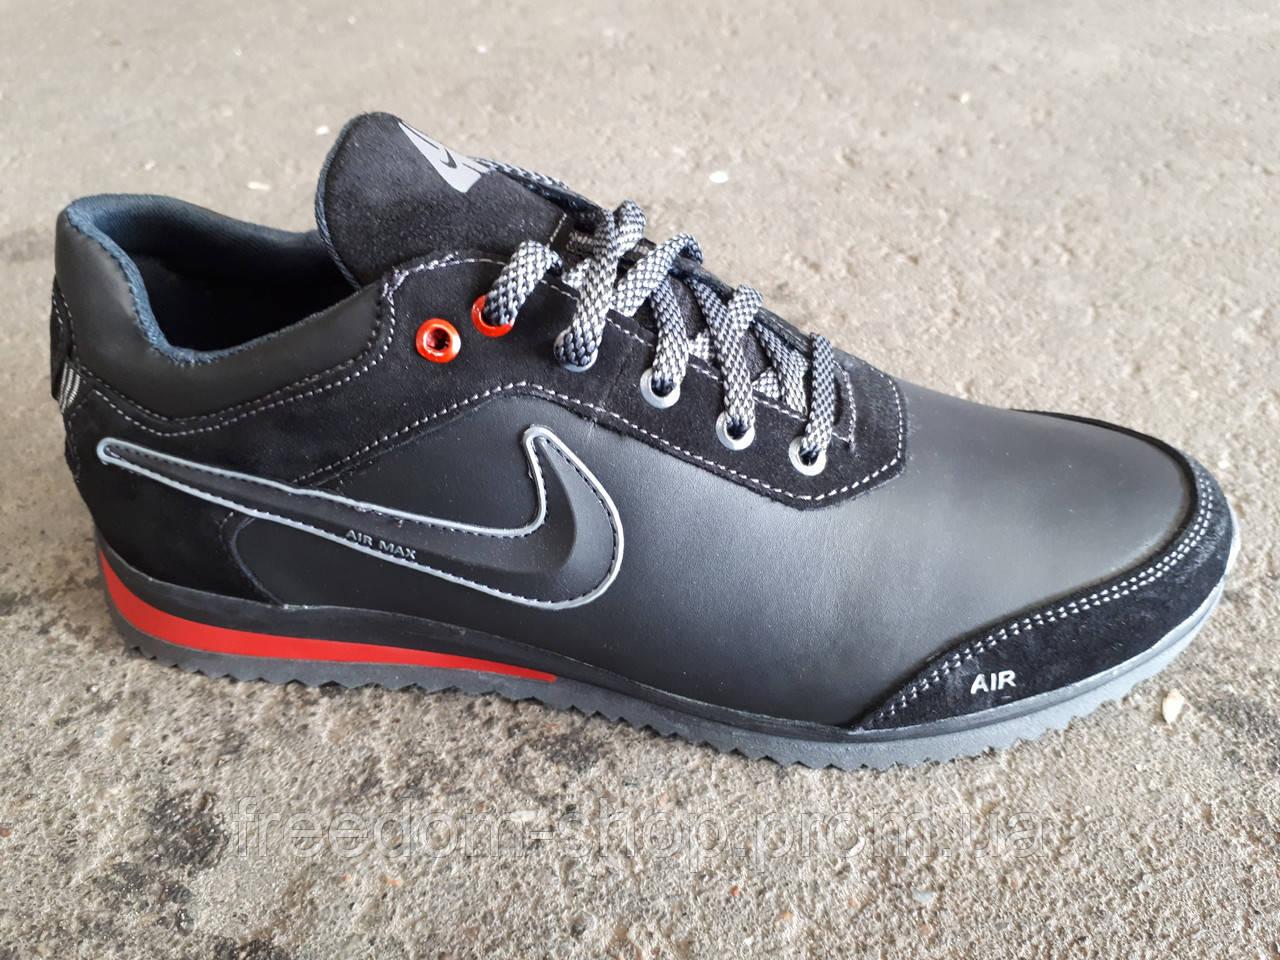 80f5ce4a3aa1 Мужские Кроссовки Nike Из Натуральной Кожи. Украина — в Категории ...